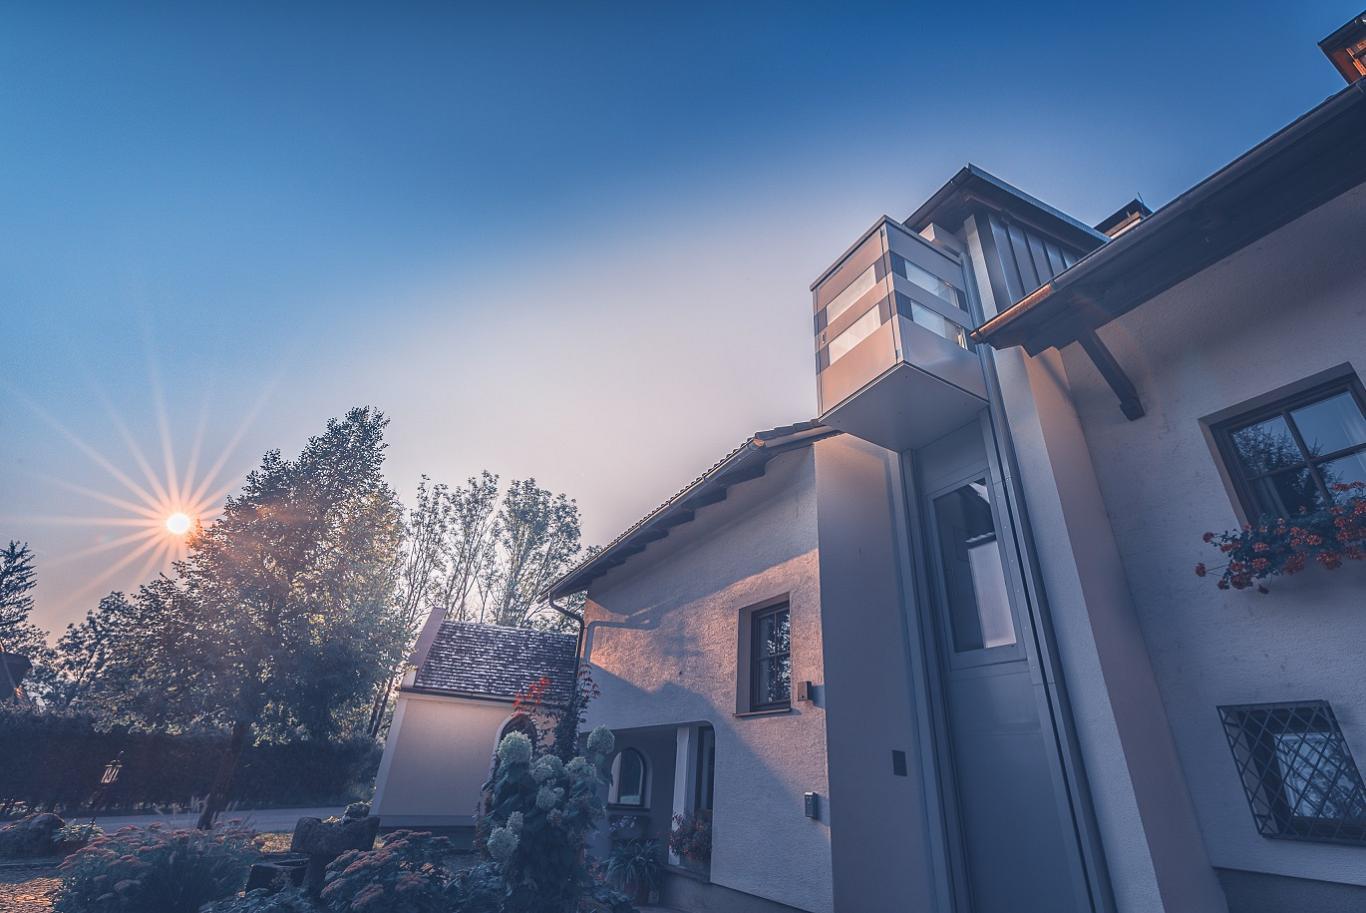 Der Homelift Quattroporte ist der elegante Aufzug für Ihr Wohngebäude